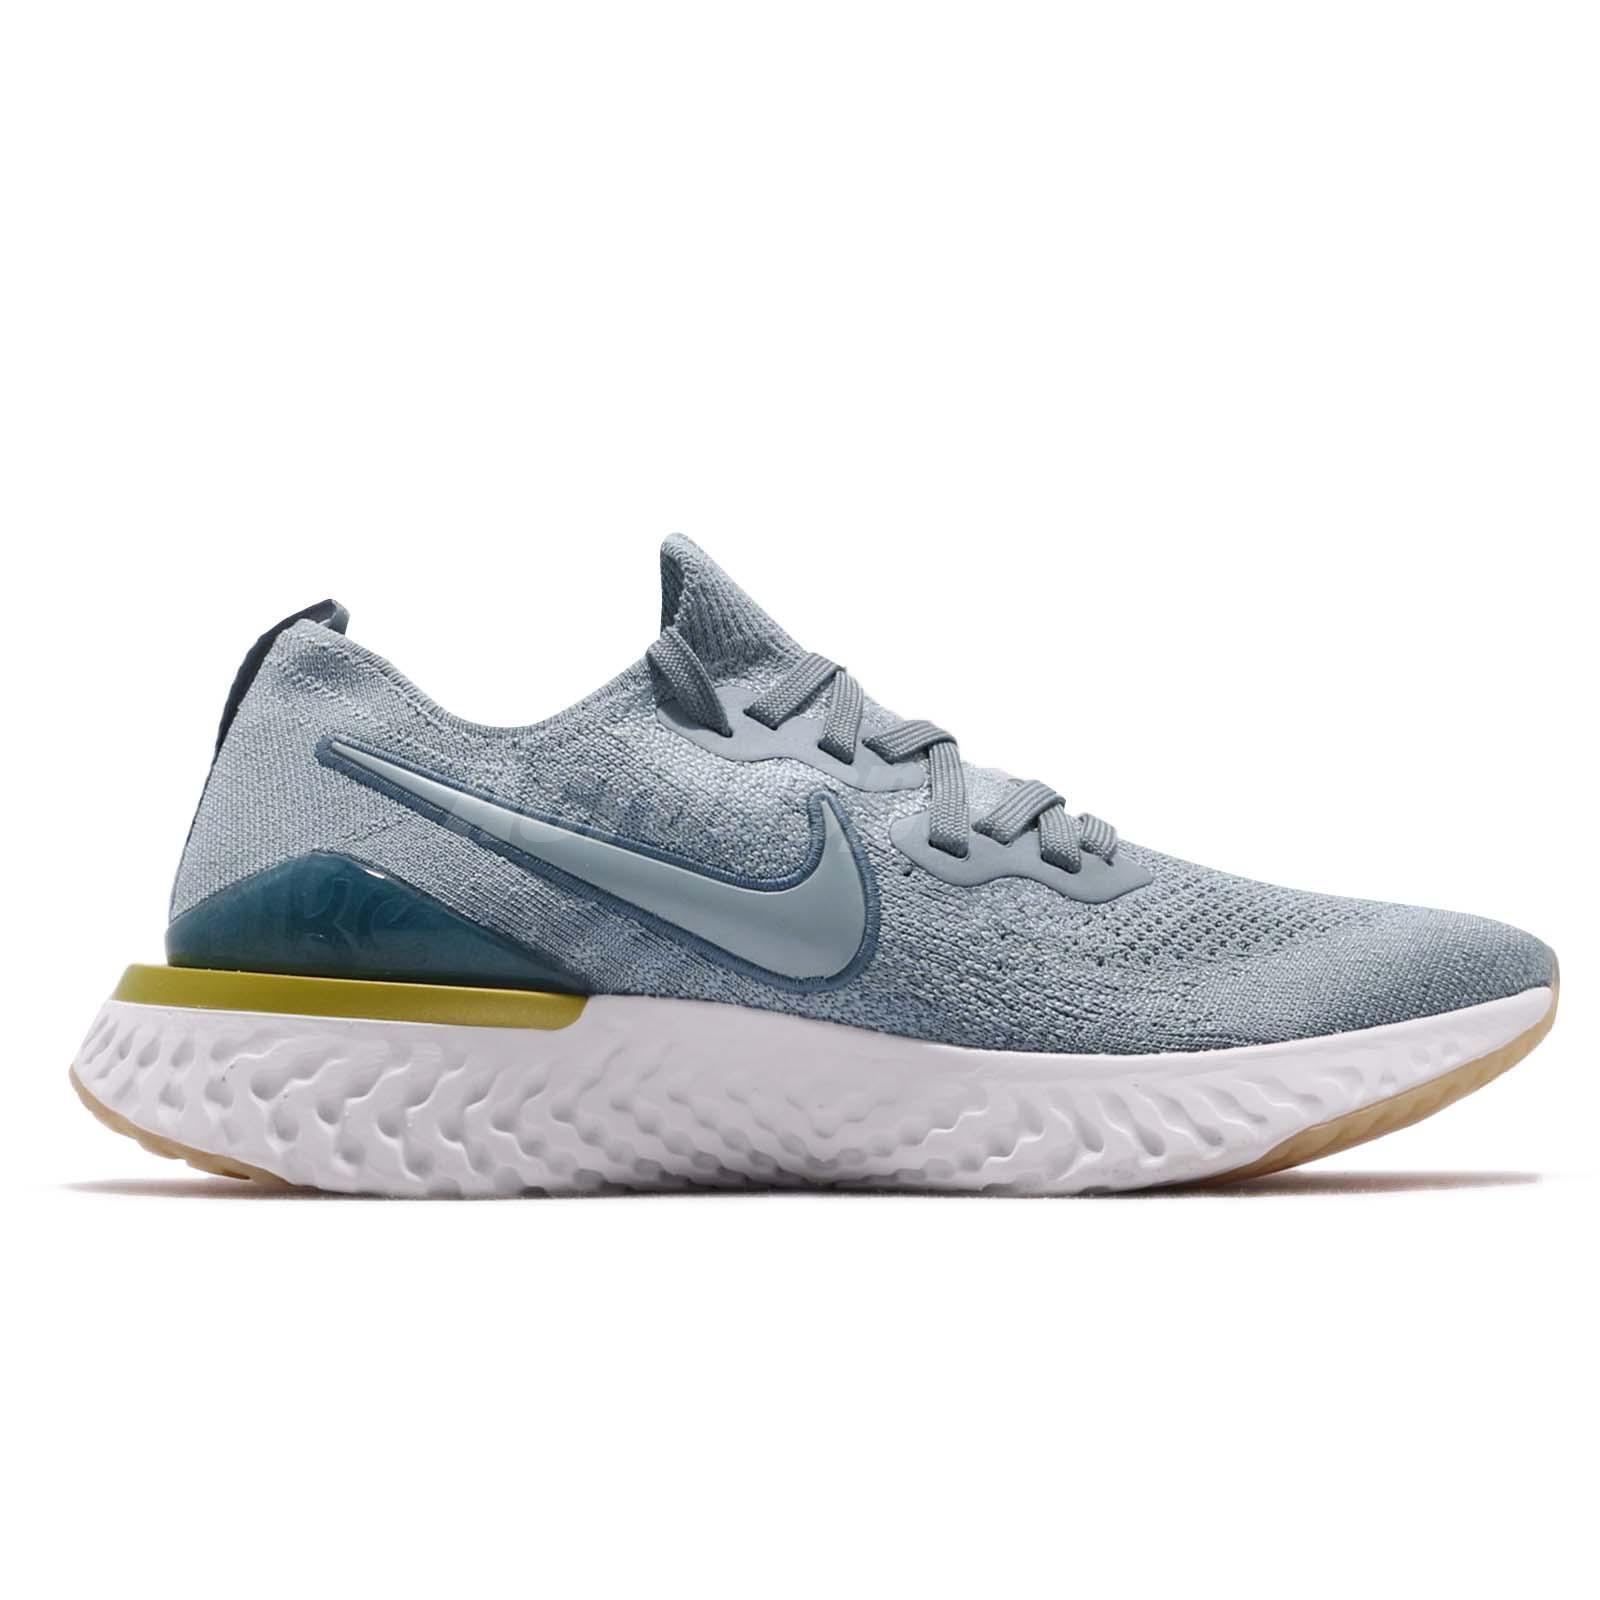 3a7b0cd7a22ba Nike Epic React Flyknit 2 II Aviator Grey Men Running Shoes Sneakers ...